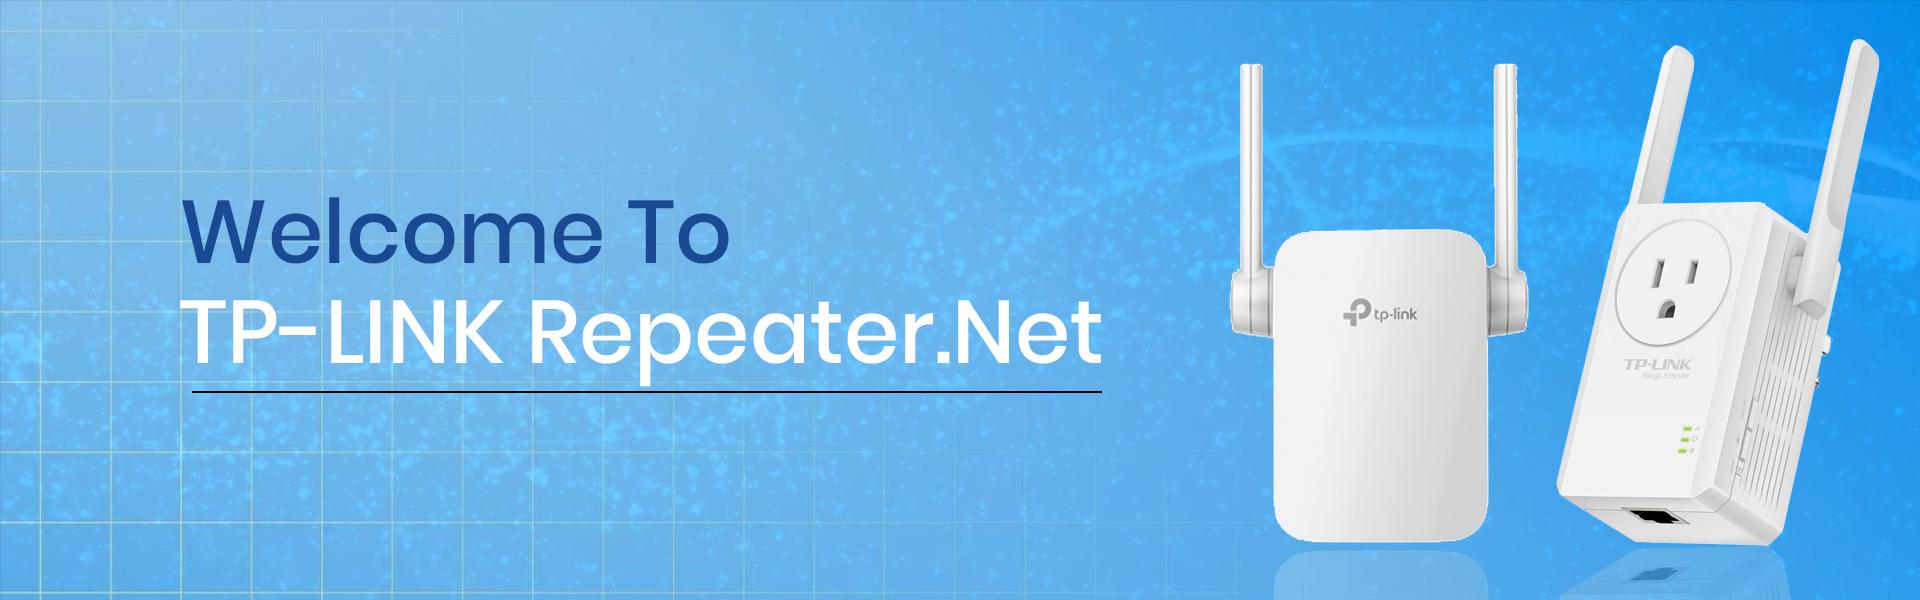 tplinkrepeater net setup | tplinkrepeater net login |192 168